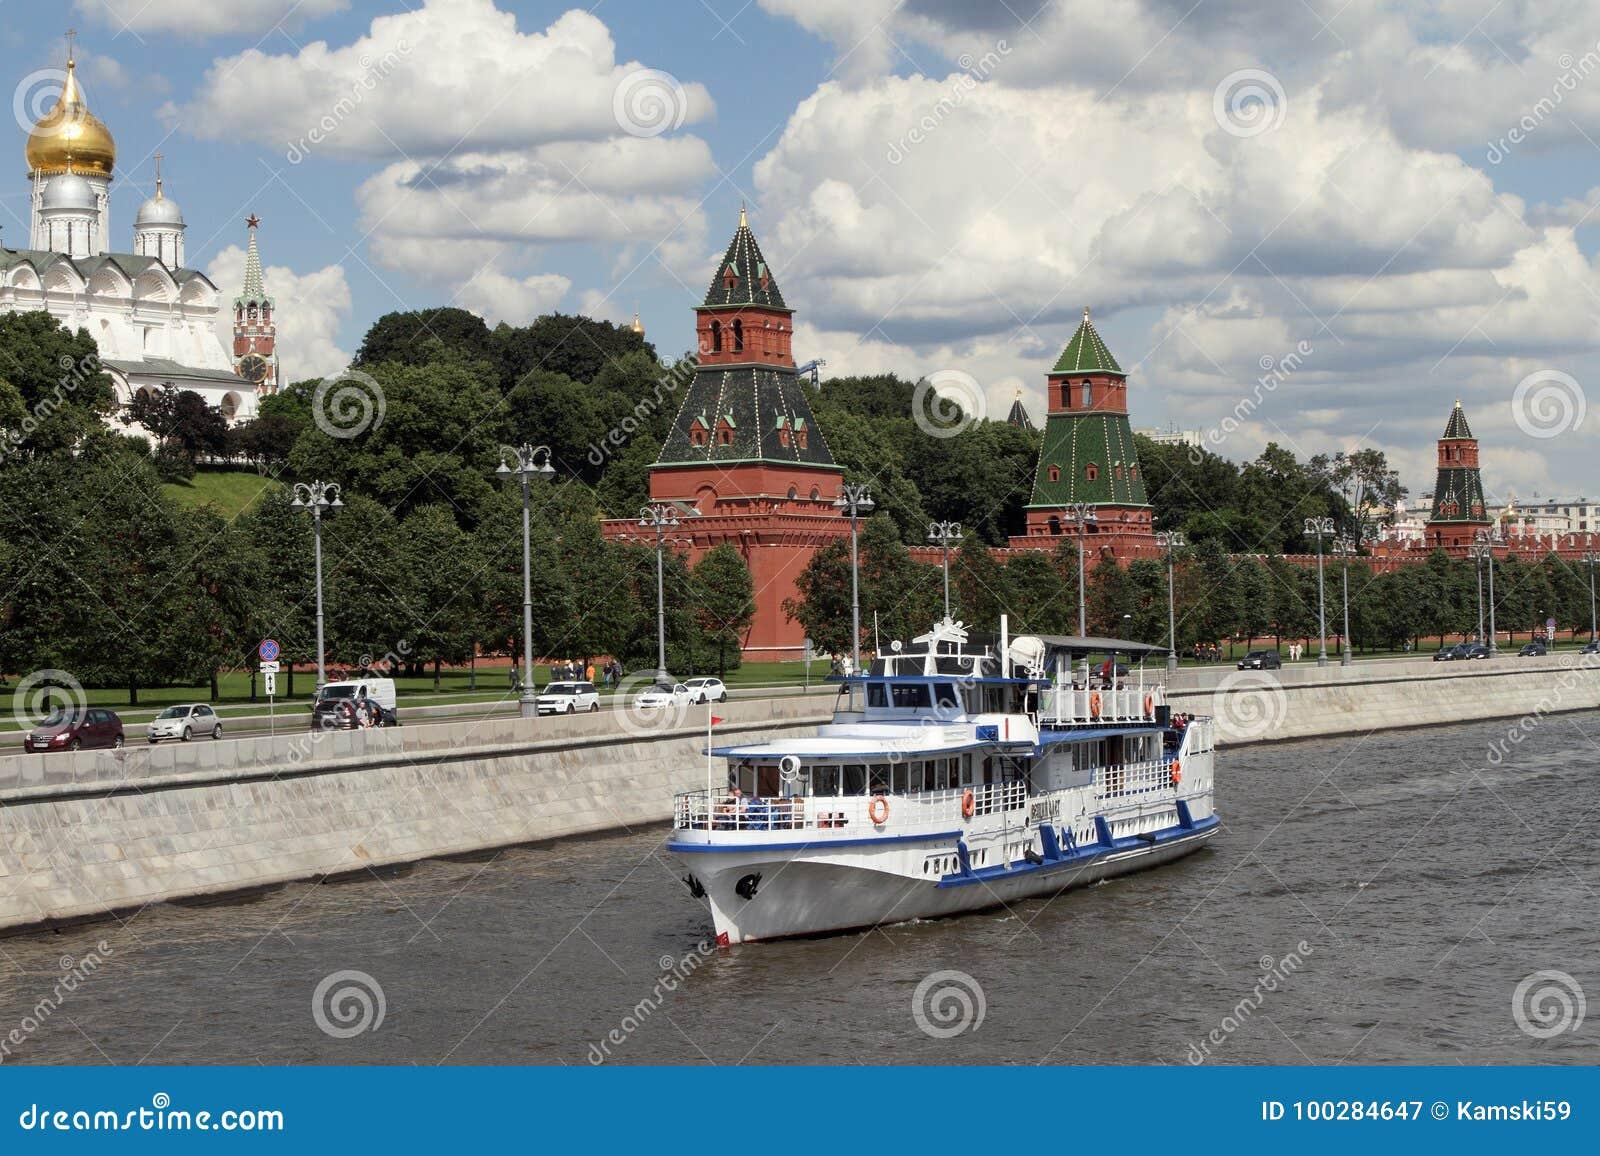 L embarcation de plaisance moderne navigue le long de la rivière près de Moscou Kreml